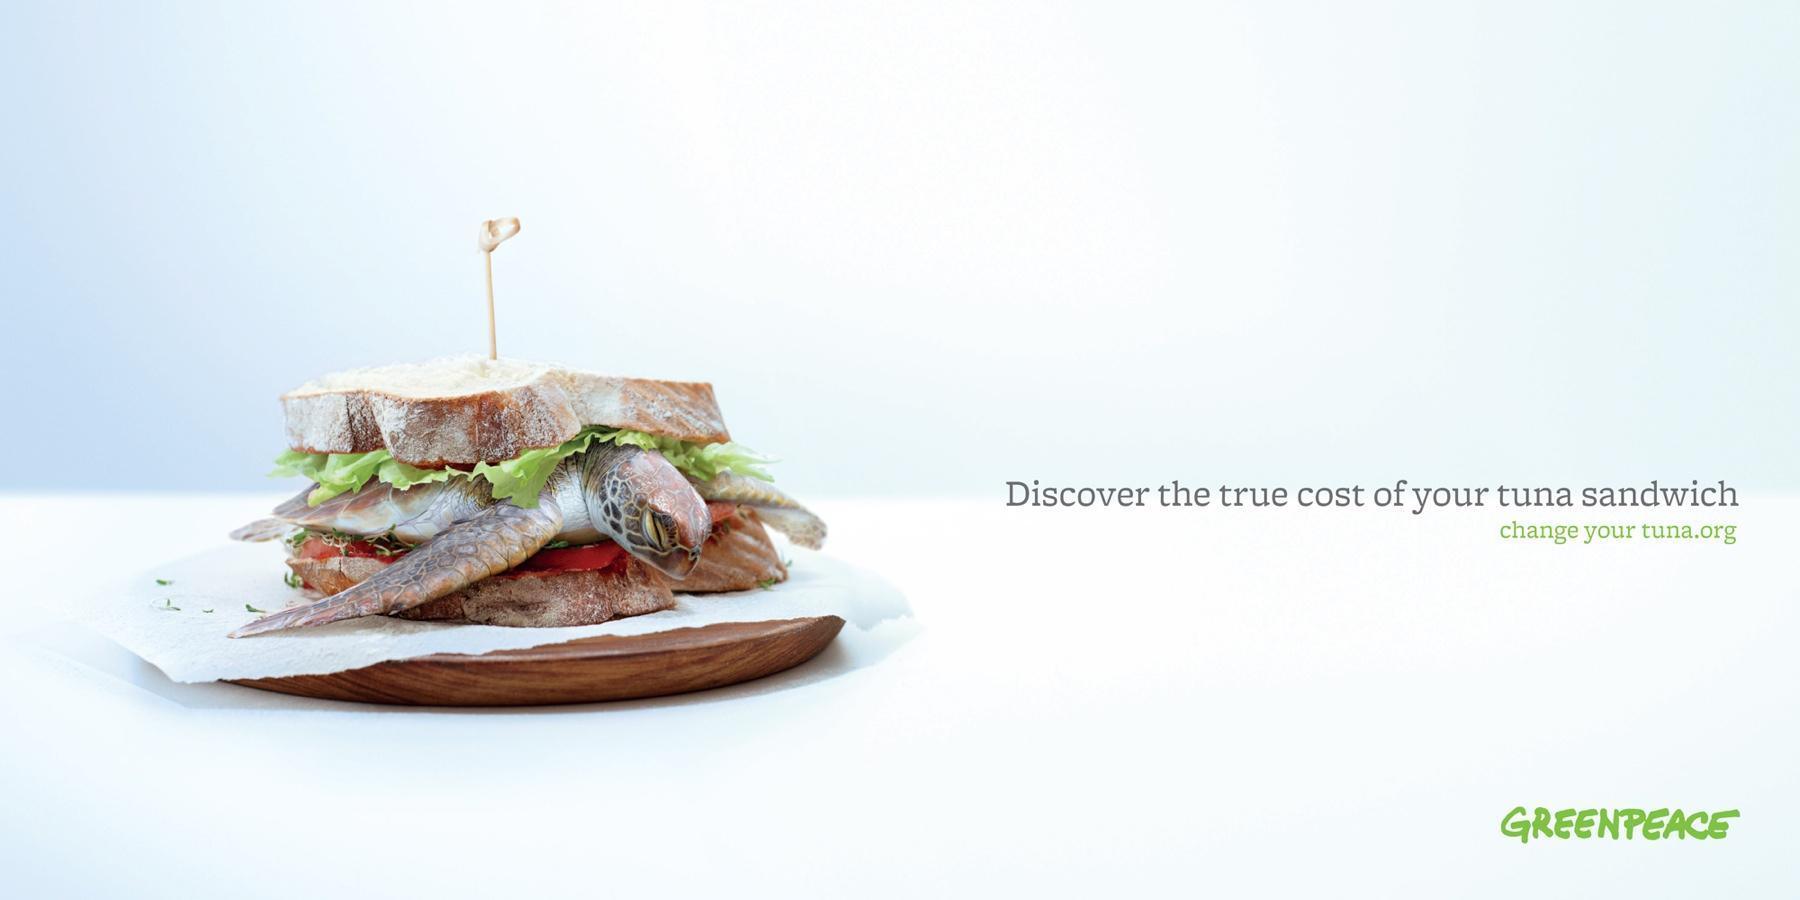 Greenpeace Print Ad -  Change your tuna